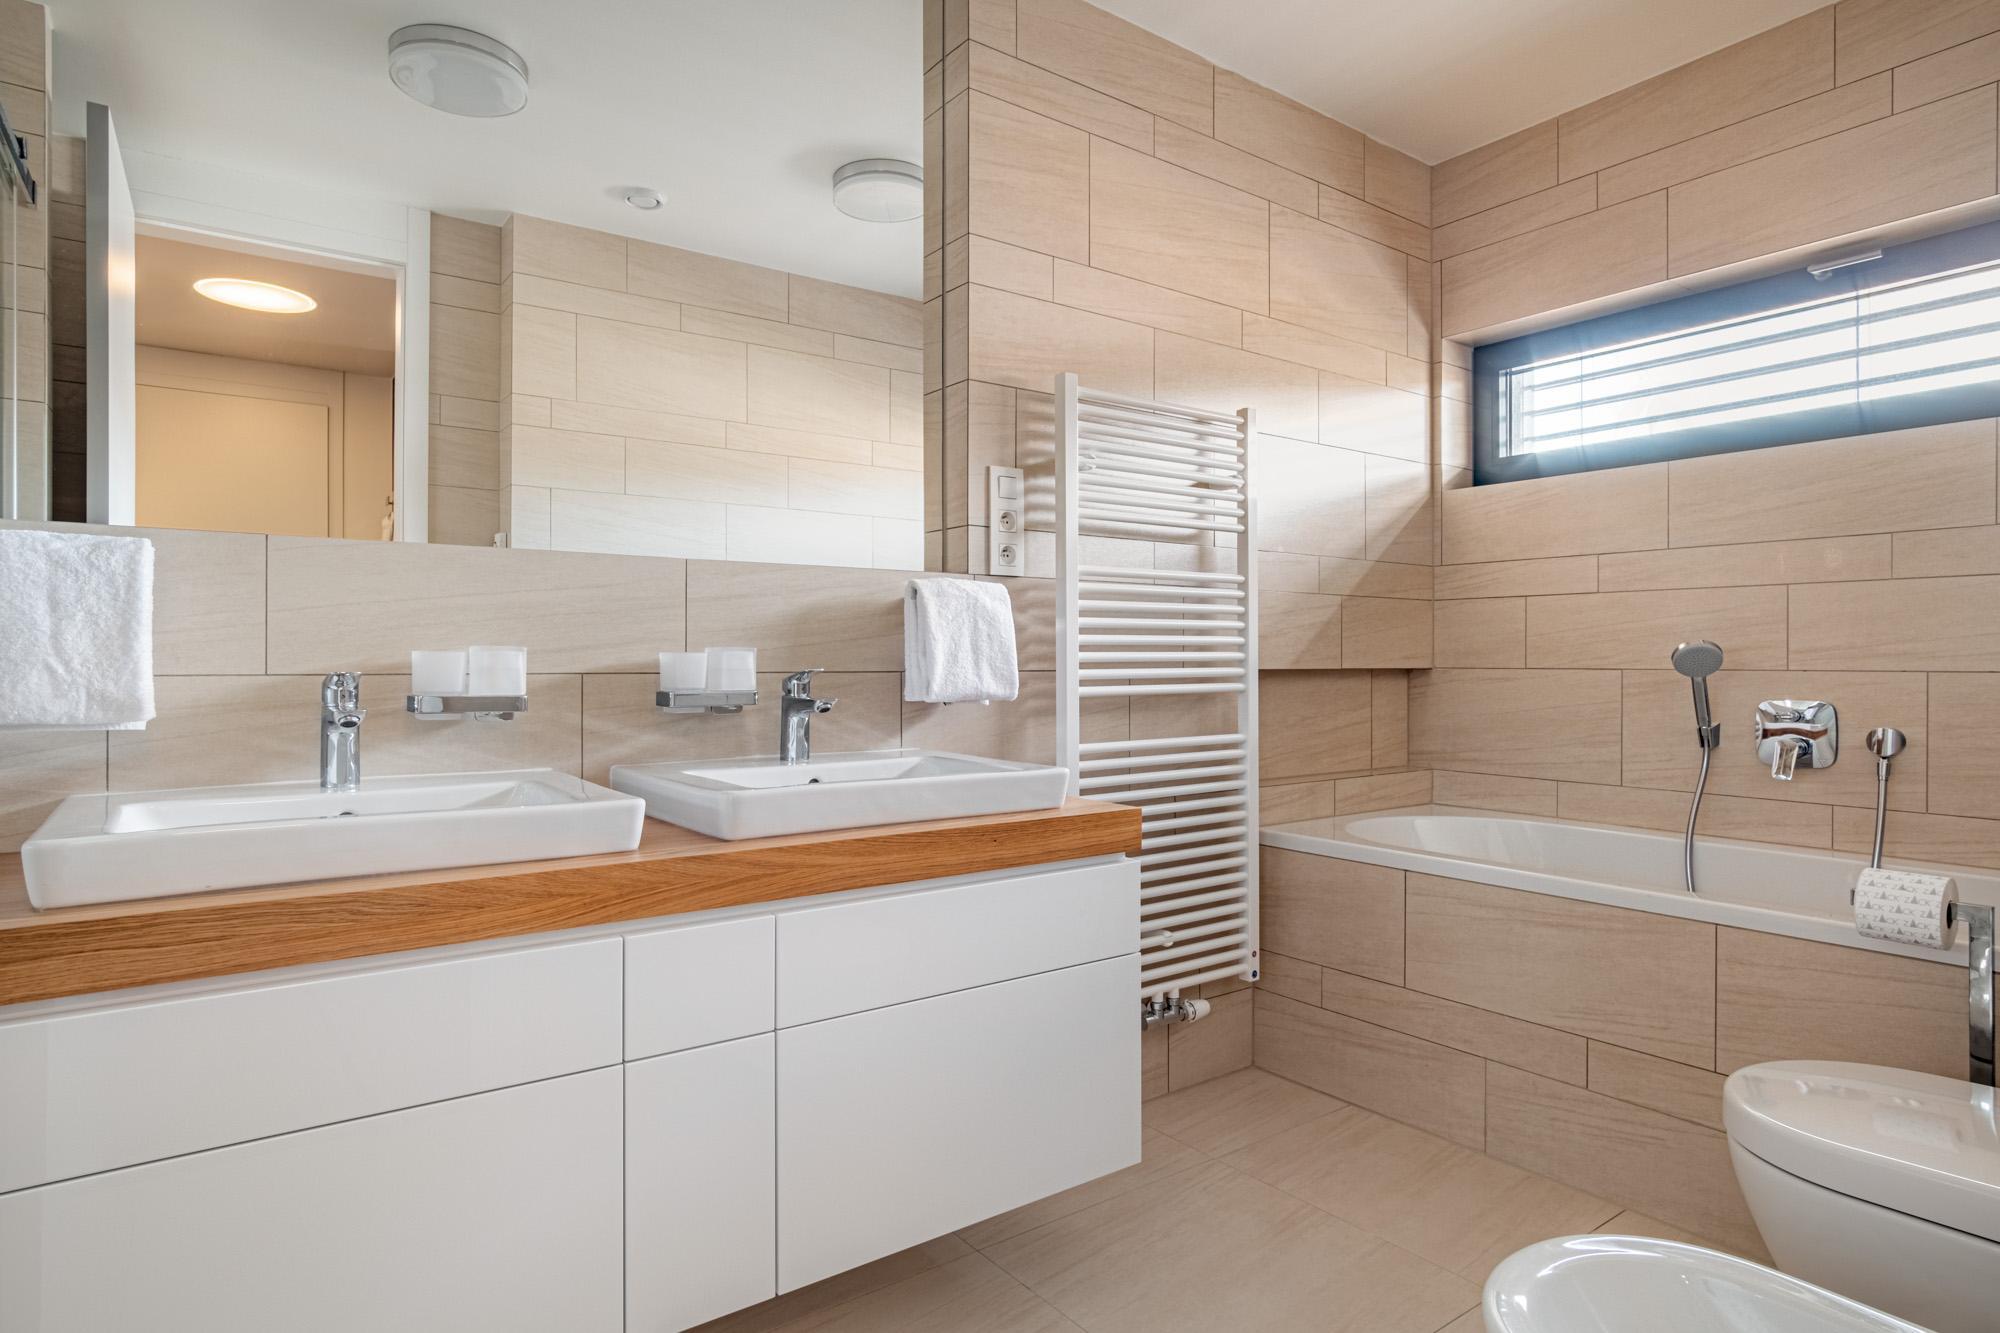 Designový interiér z Decolandu   Designová koupelna